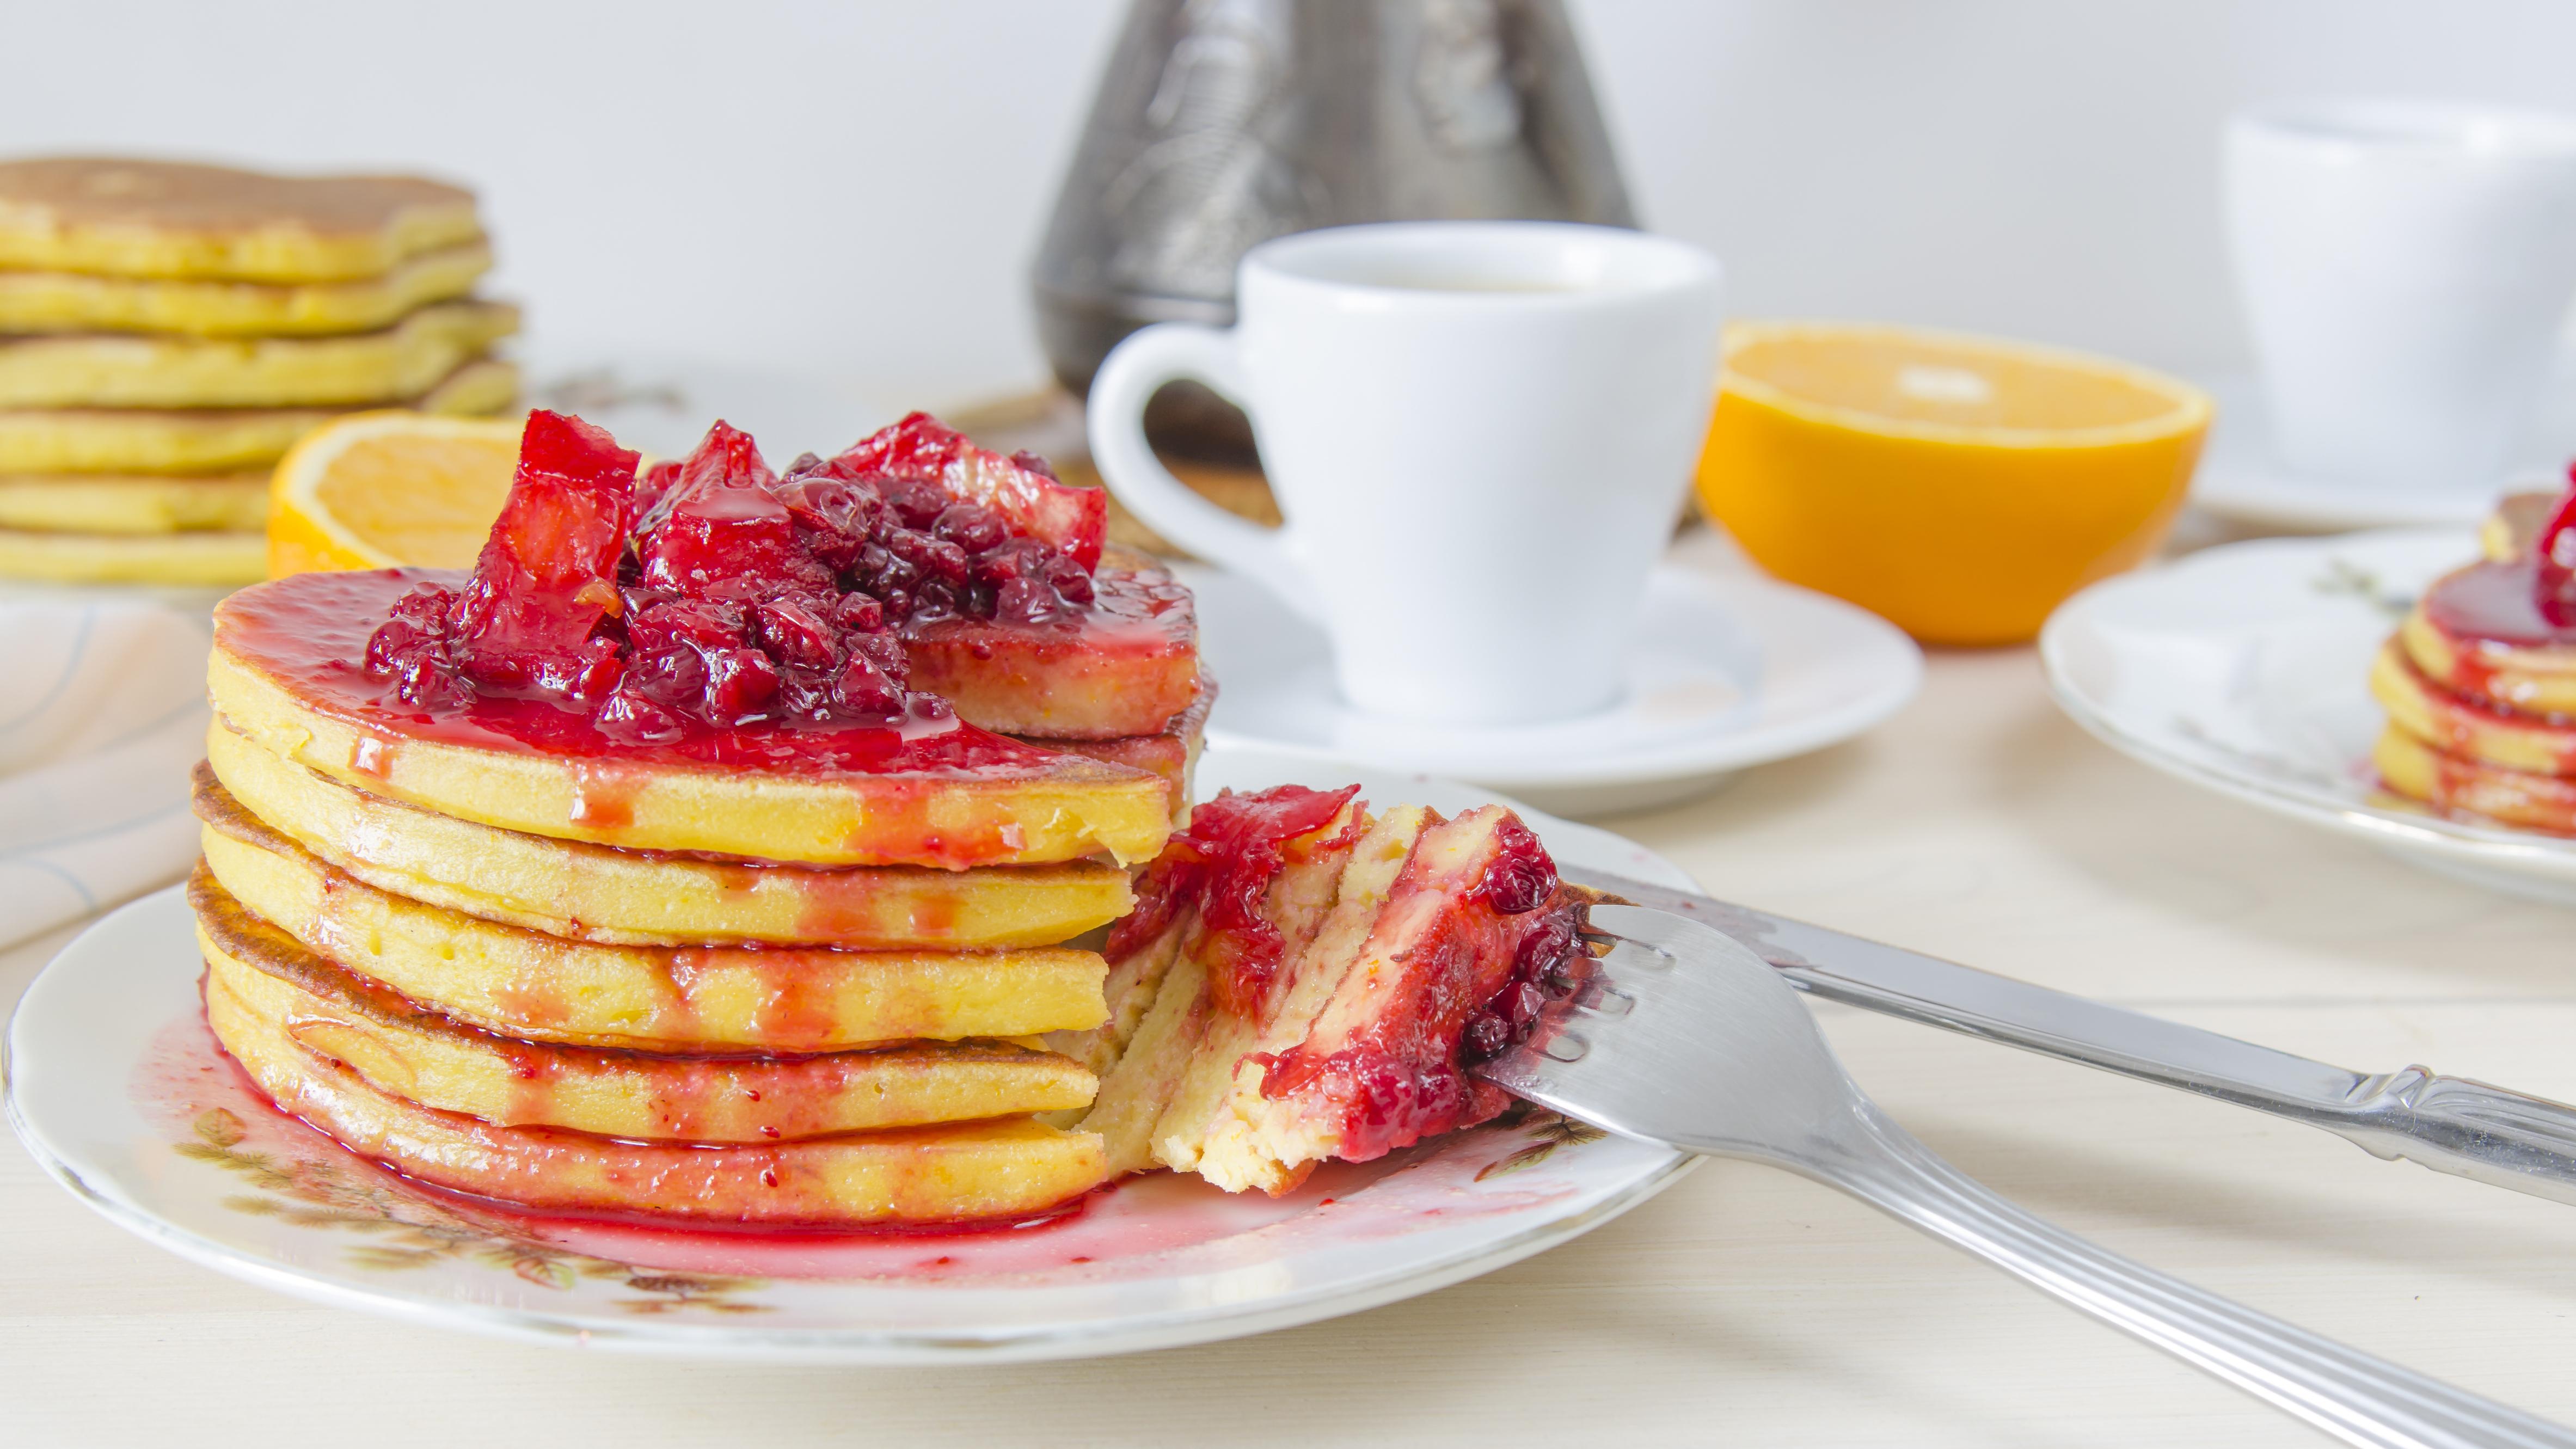 sweet potato casserole | sweet potato | casserole | pancakes | leftovers | holiday recipes | recipes